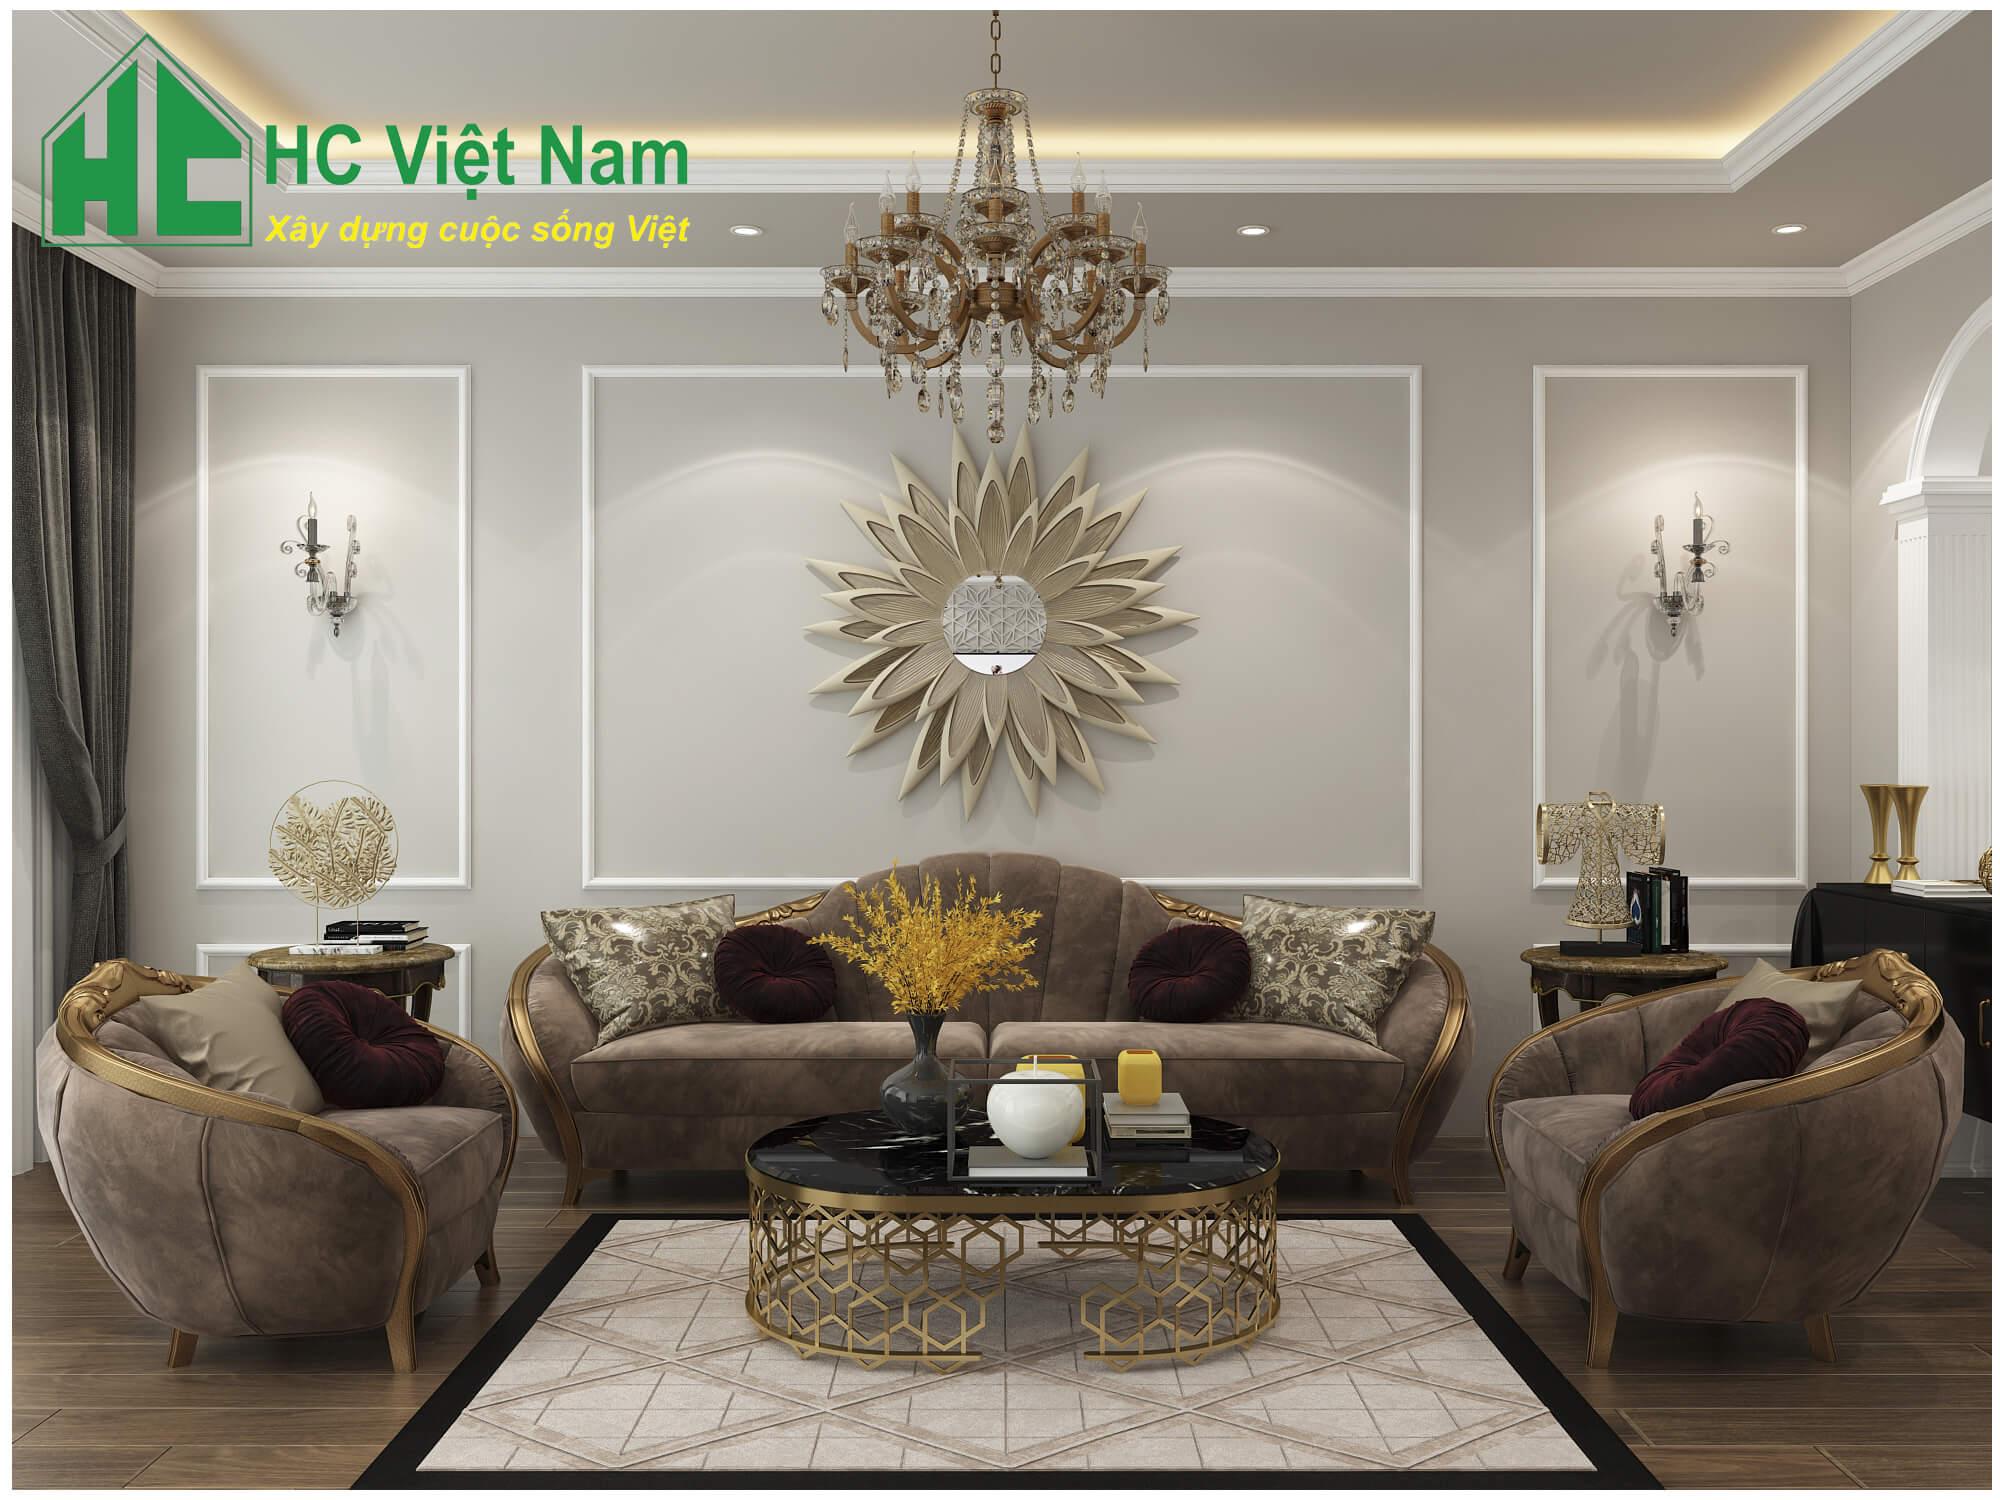 Phong cách thiết kế nội thất tân cổ điển 2